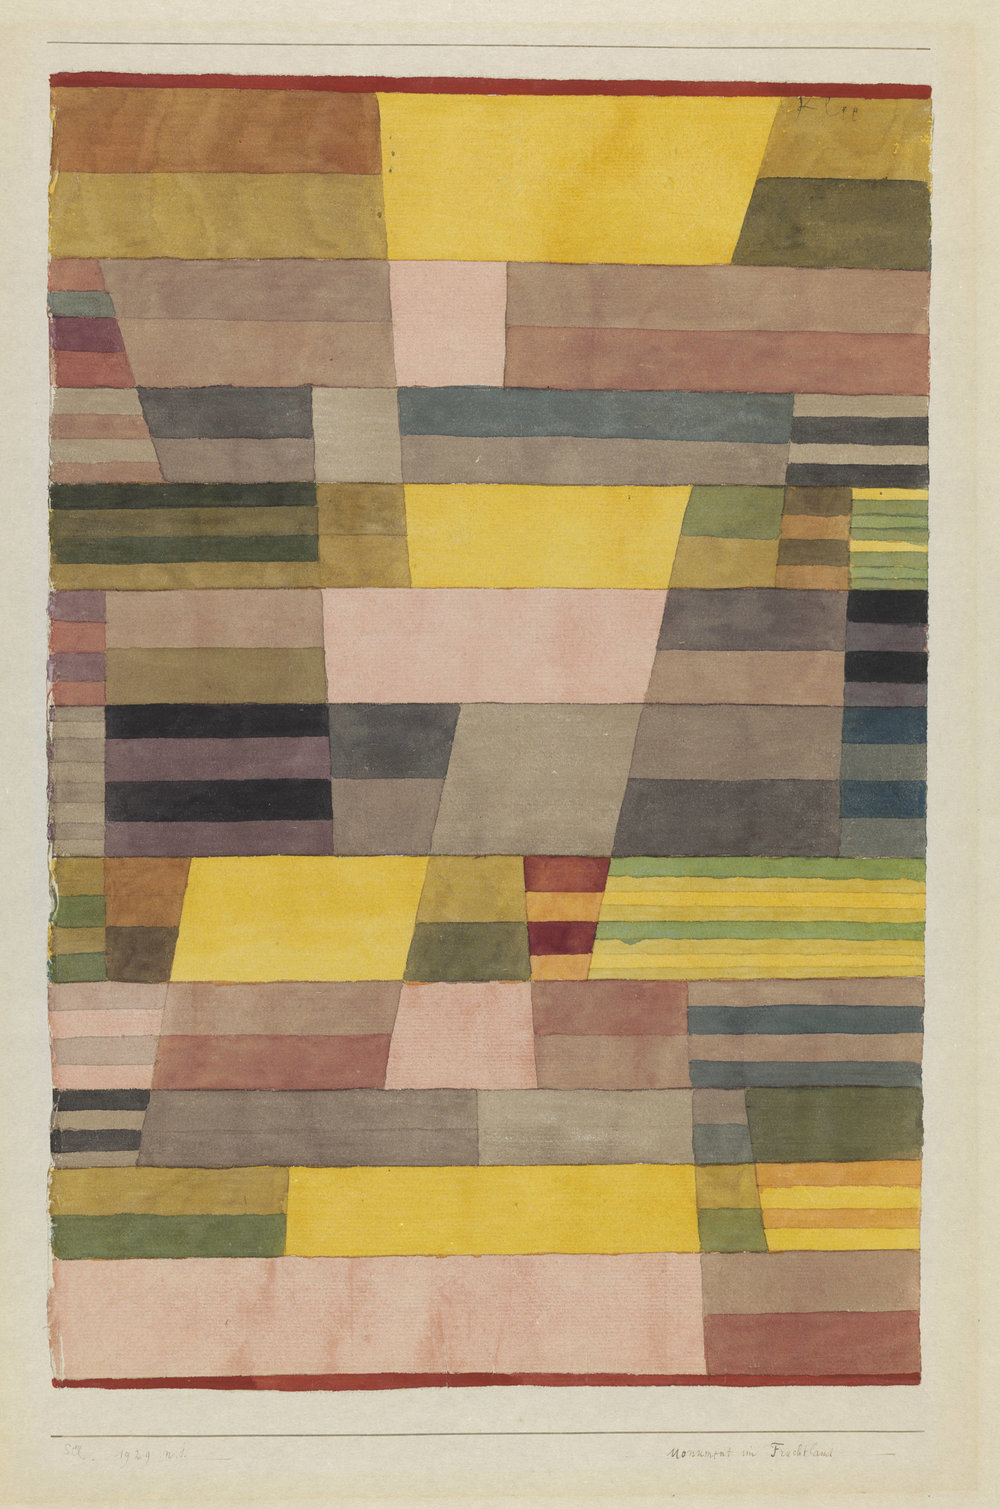 Paul Klee,  Monument im Fruchtland   1929, 41 (N 1), Aquarell und Bleistift auf Papier auf Karton 45,7×30,8 cm, Zentrum Paul Klee, Bern ©Zentrum Paul Klee, Bern.